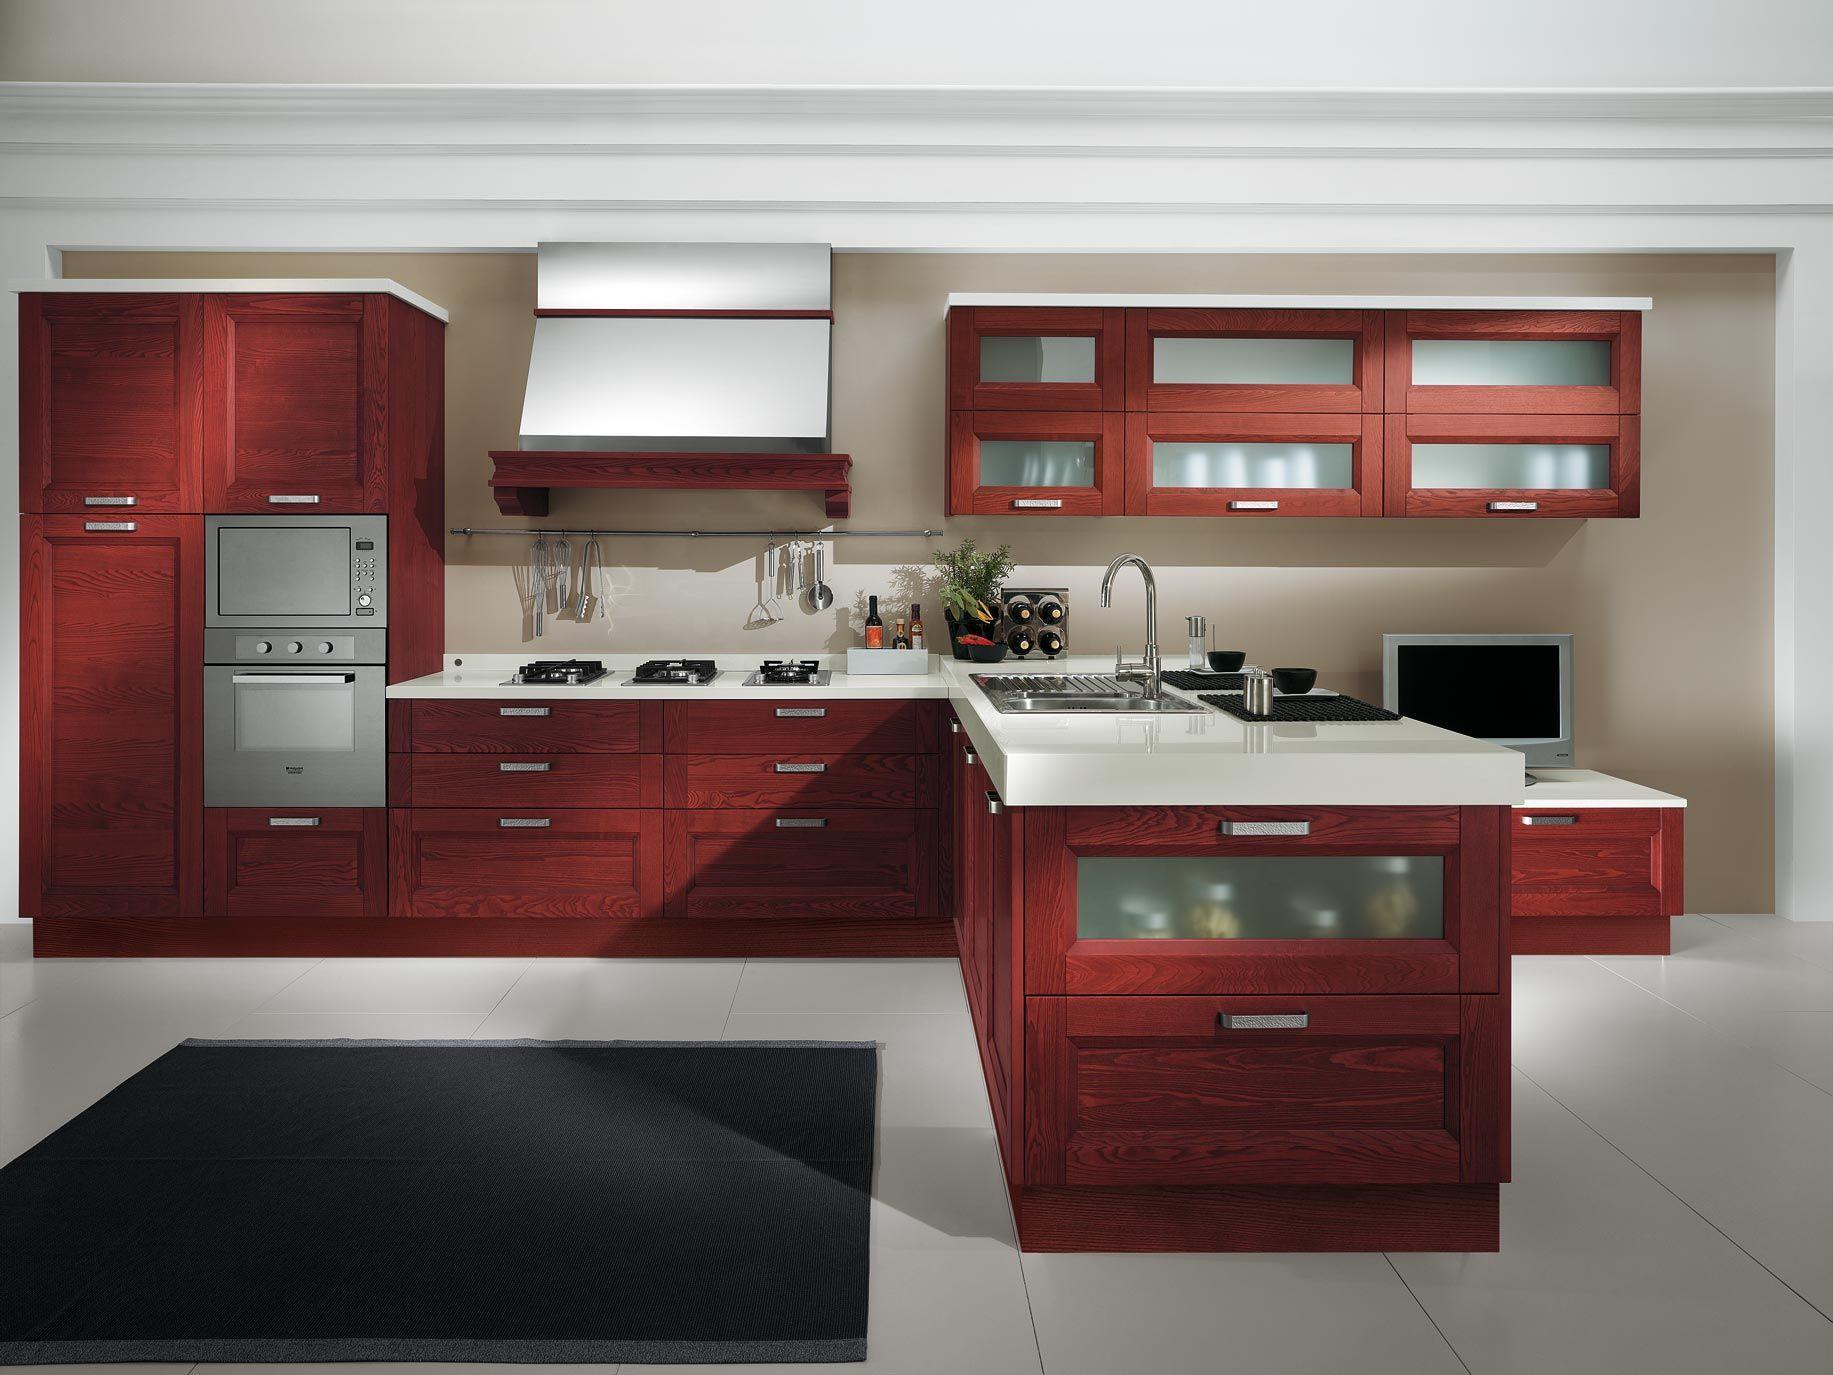 Cucine Moderne Color Ciliegio. Color Tortora Cucina. Cucina Arrital ...